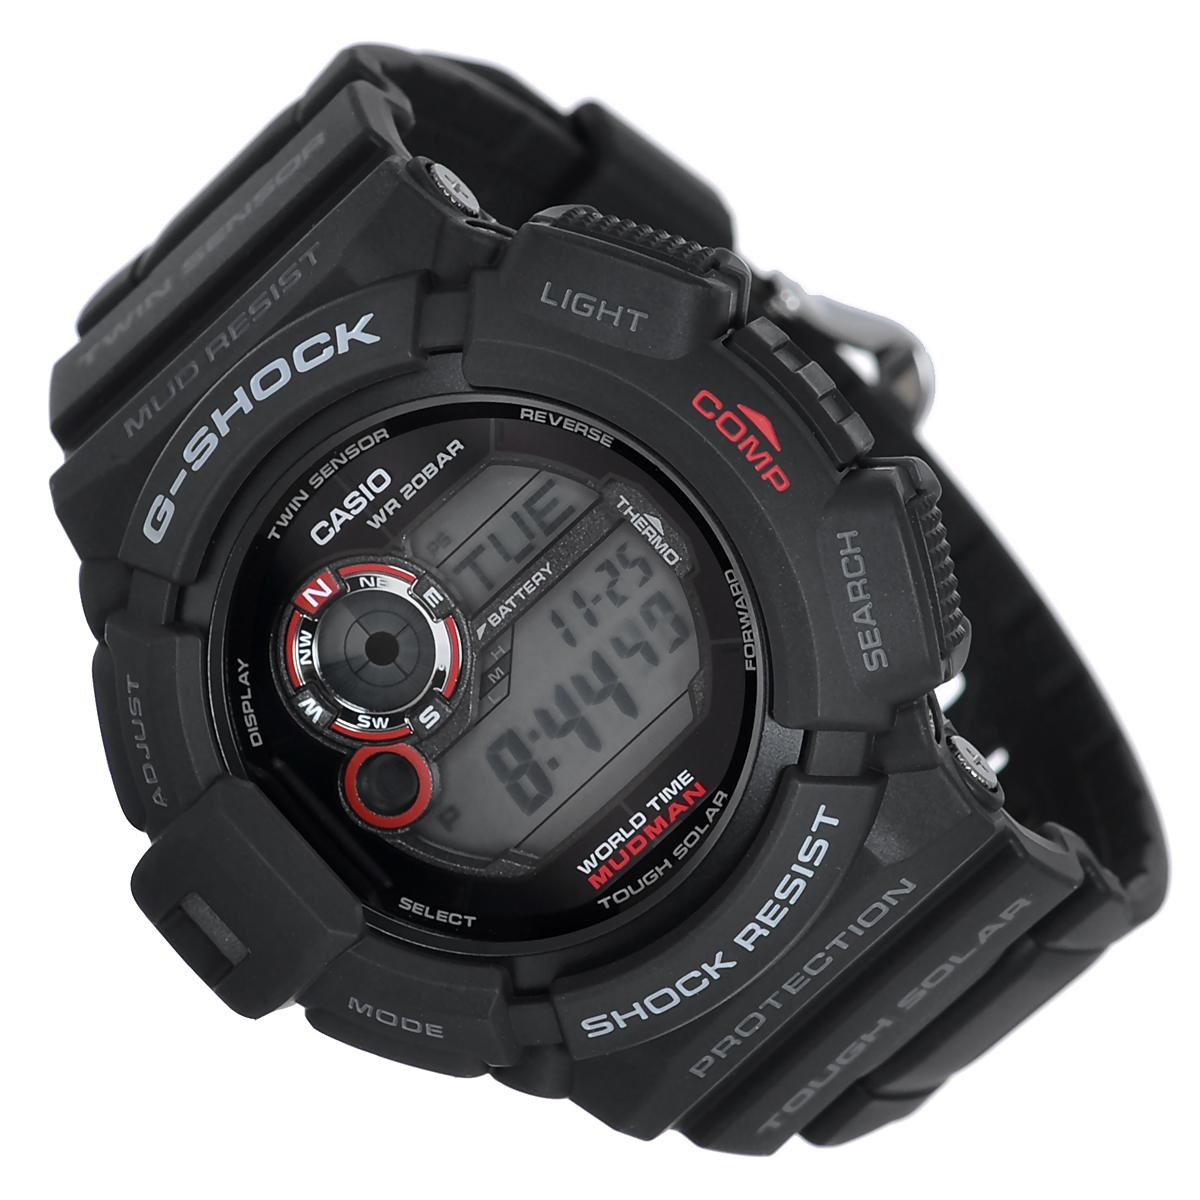 Часы мужские наручные Casio G-Shock, цвет: черный. G-9300-1EG-9300-1EСтильные кварцевые часы G-Shock от японского брэнда Casio - это яркий функциональный аксессуар для современных людей, которые стремятся выделиться из толпы и подчеркнуть свою индивидуальность. Часы выполнены в спортивном стиле. Корпус имеет ударопрочную конструкцию, защищающую механизм от ударов и вибрации. Циферблат подсвечивается электролюминесцентной подсветкой. Подсветка активируется при недостаточном свете и выключается, когда освещения достаточно. Ремешок из пластика имеет классическую застежку. Основные функции: - 5 будильников, один с функцией Snooze, ежечасный сигнал; - автоматический календарь (число, месяц, день недели, год); - секундомер с точностью показаний 1/100 с и временем измерения 1000 ч; - мировое время; - таймер обратного отсчета от 1 мин до 24 ч с автоповтором; - 12-ти и 24-х часовой формат времени; - защита от попадания внутрь пыли и грязи; - ...